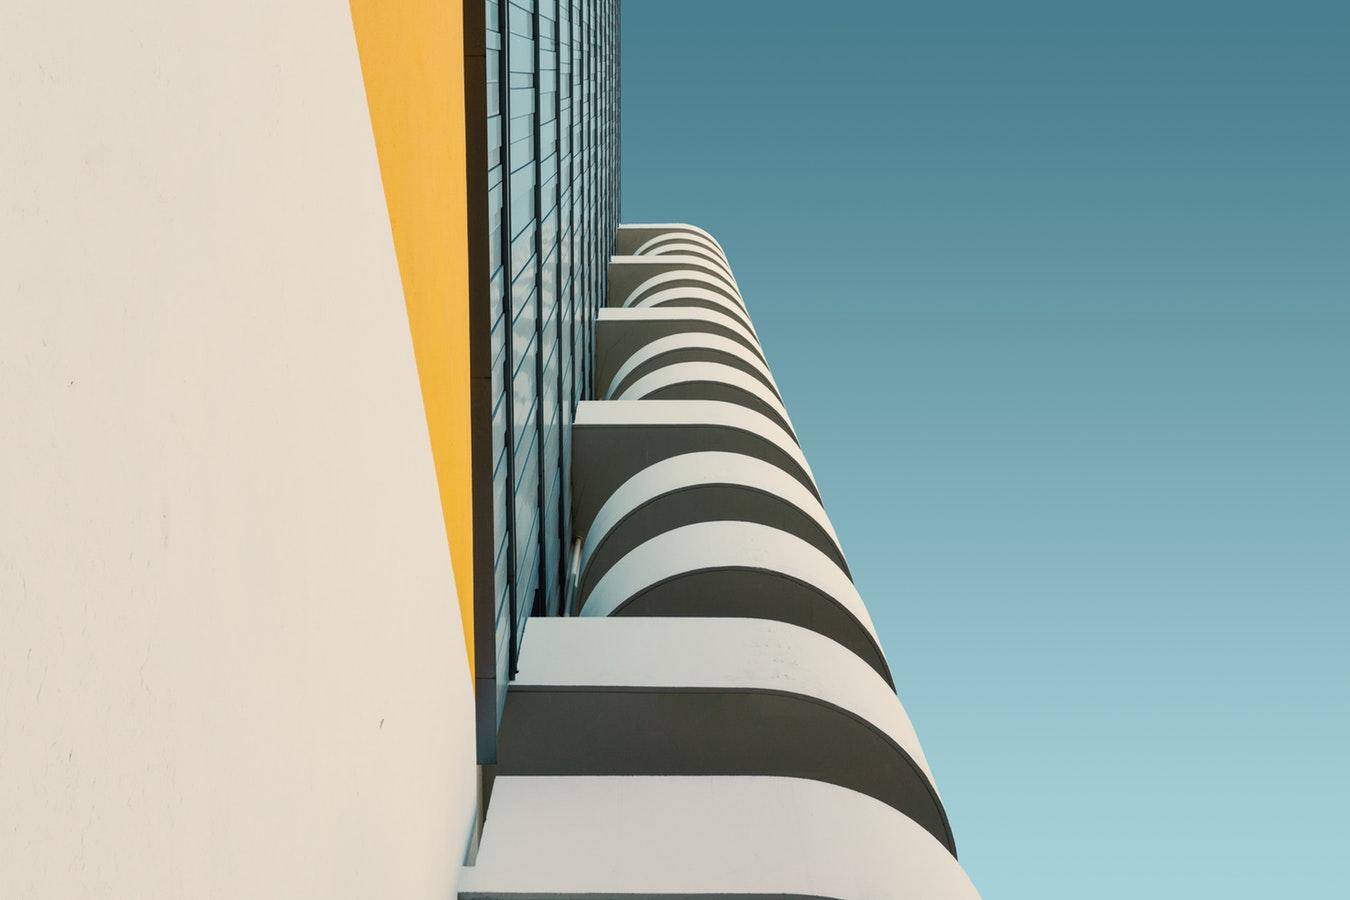 英国建筑专业院校哪家强?